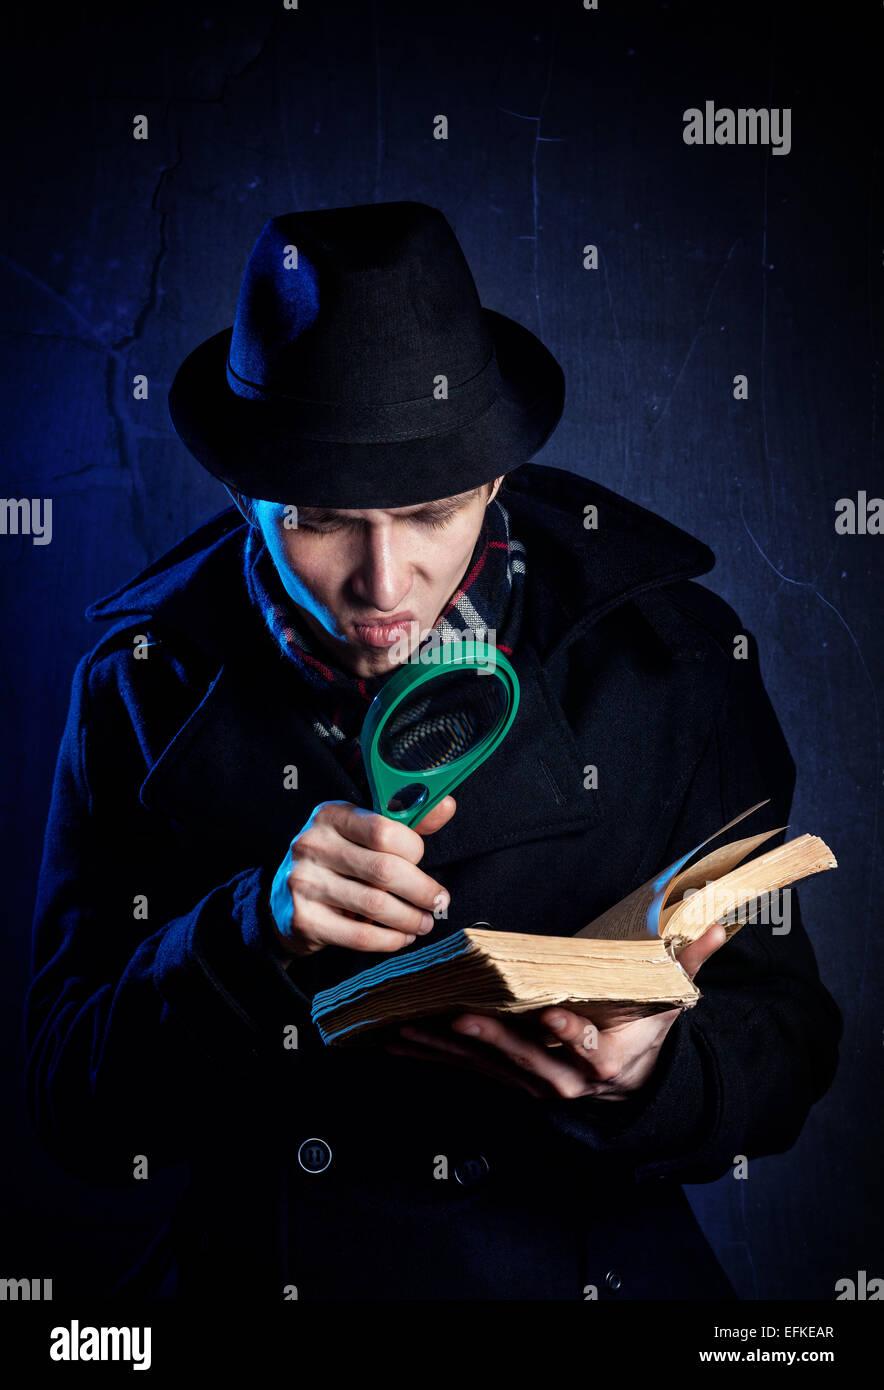 Hombre de negro hat con la lupa de cristal el viejo libro de lectura en fondo oscuro Imagen De Stock